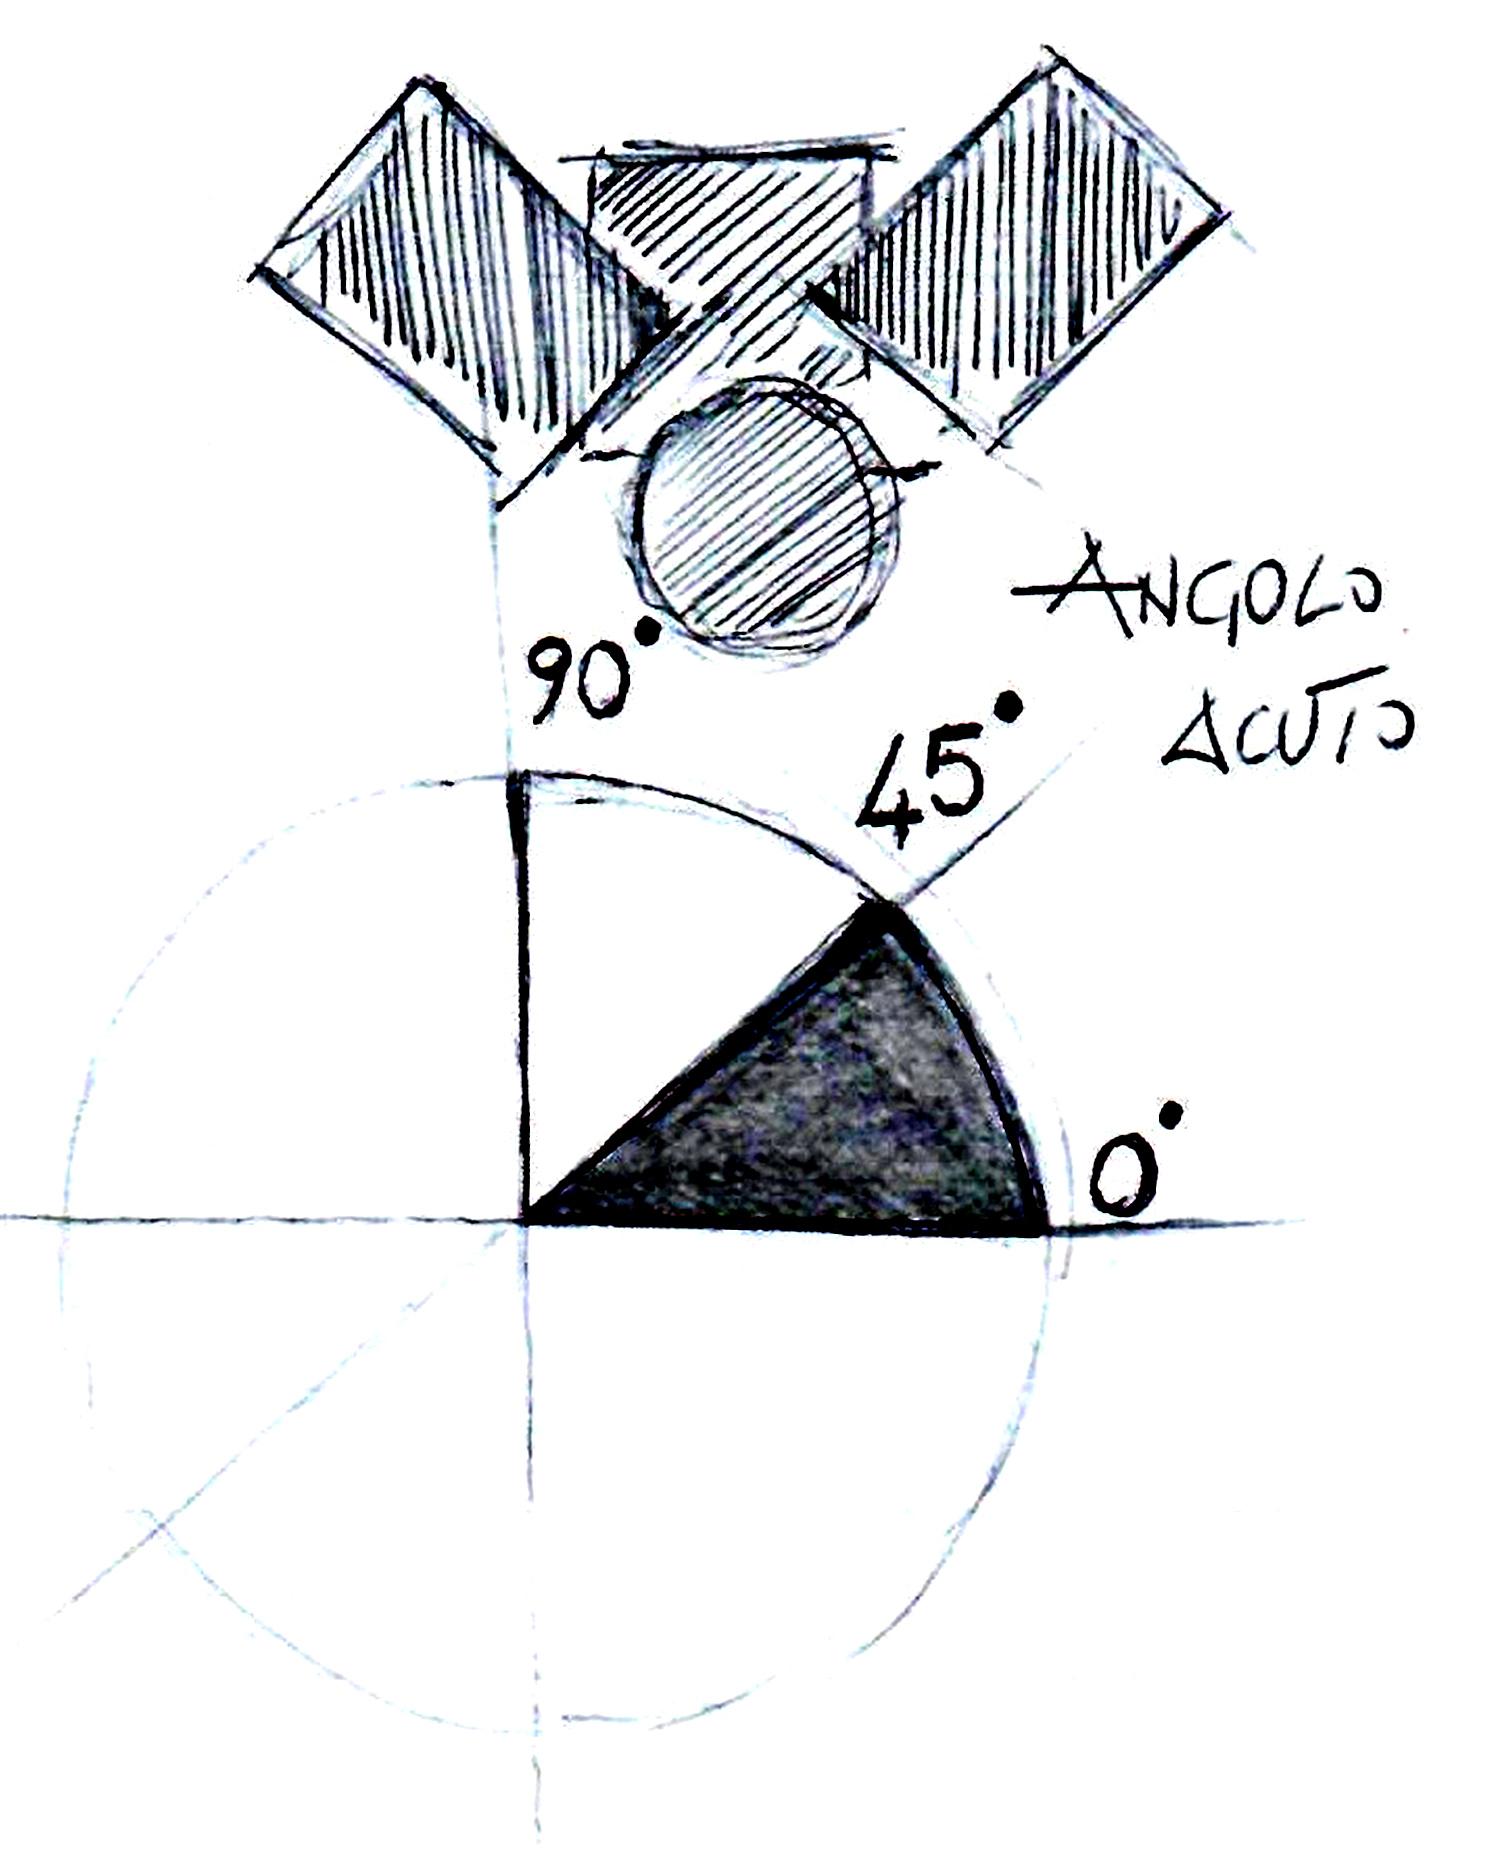 ANGOLO 45 MODUSLAB ARCHITECTURE INTERIOR DESIGN}